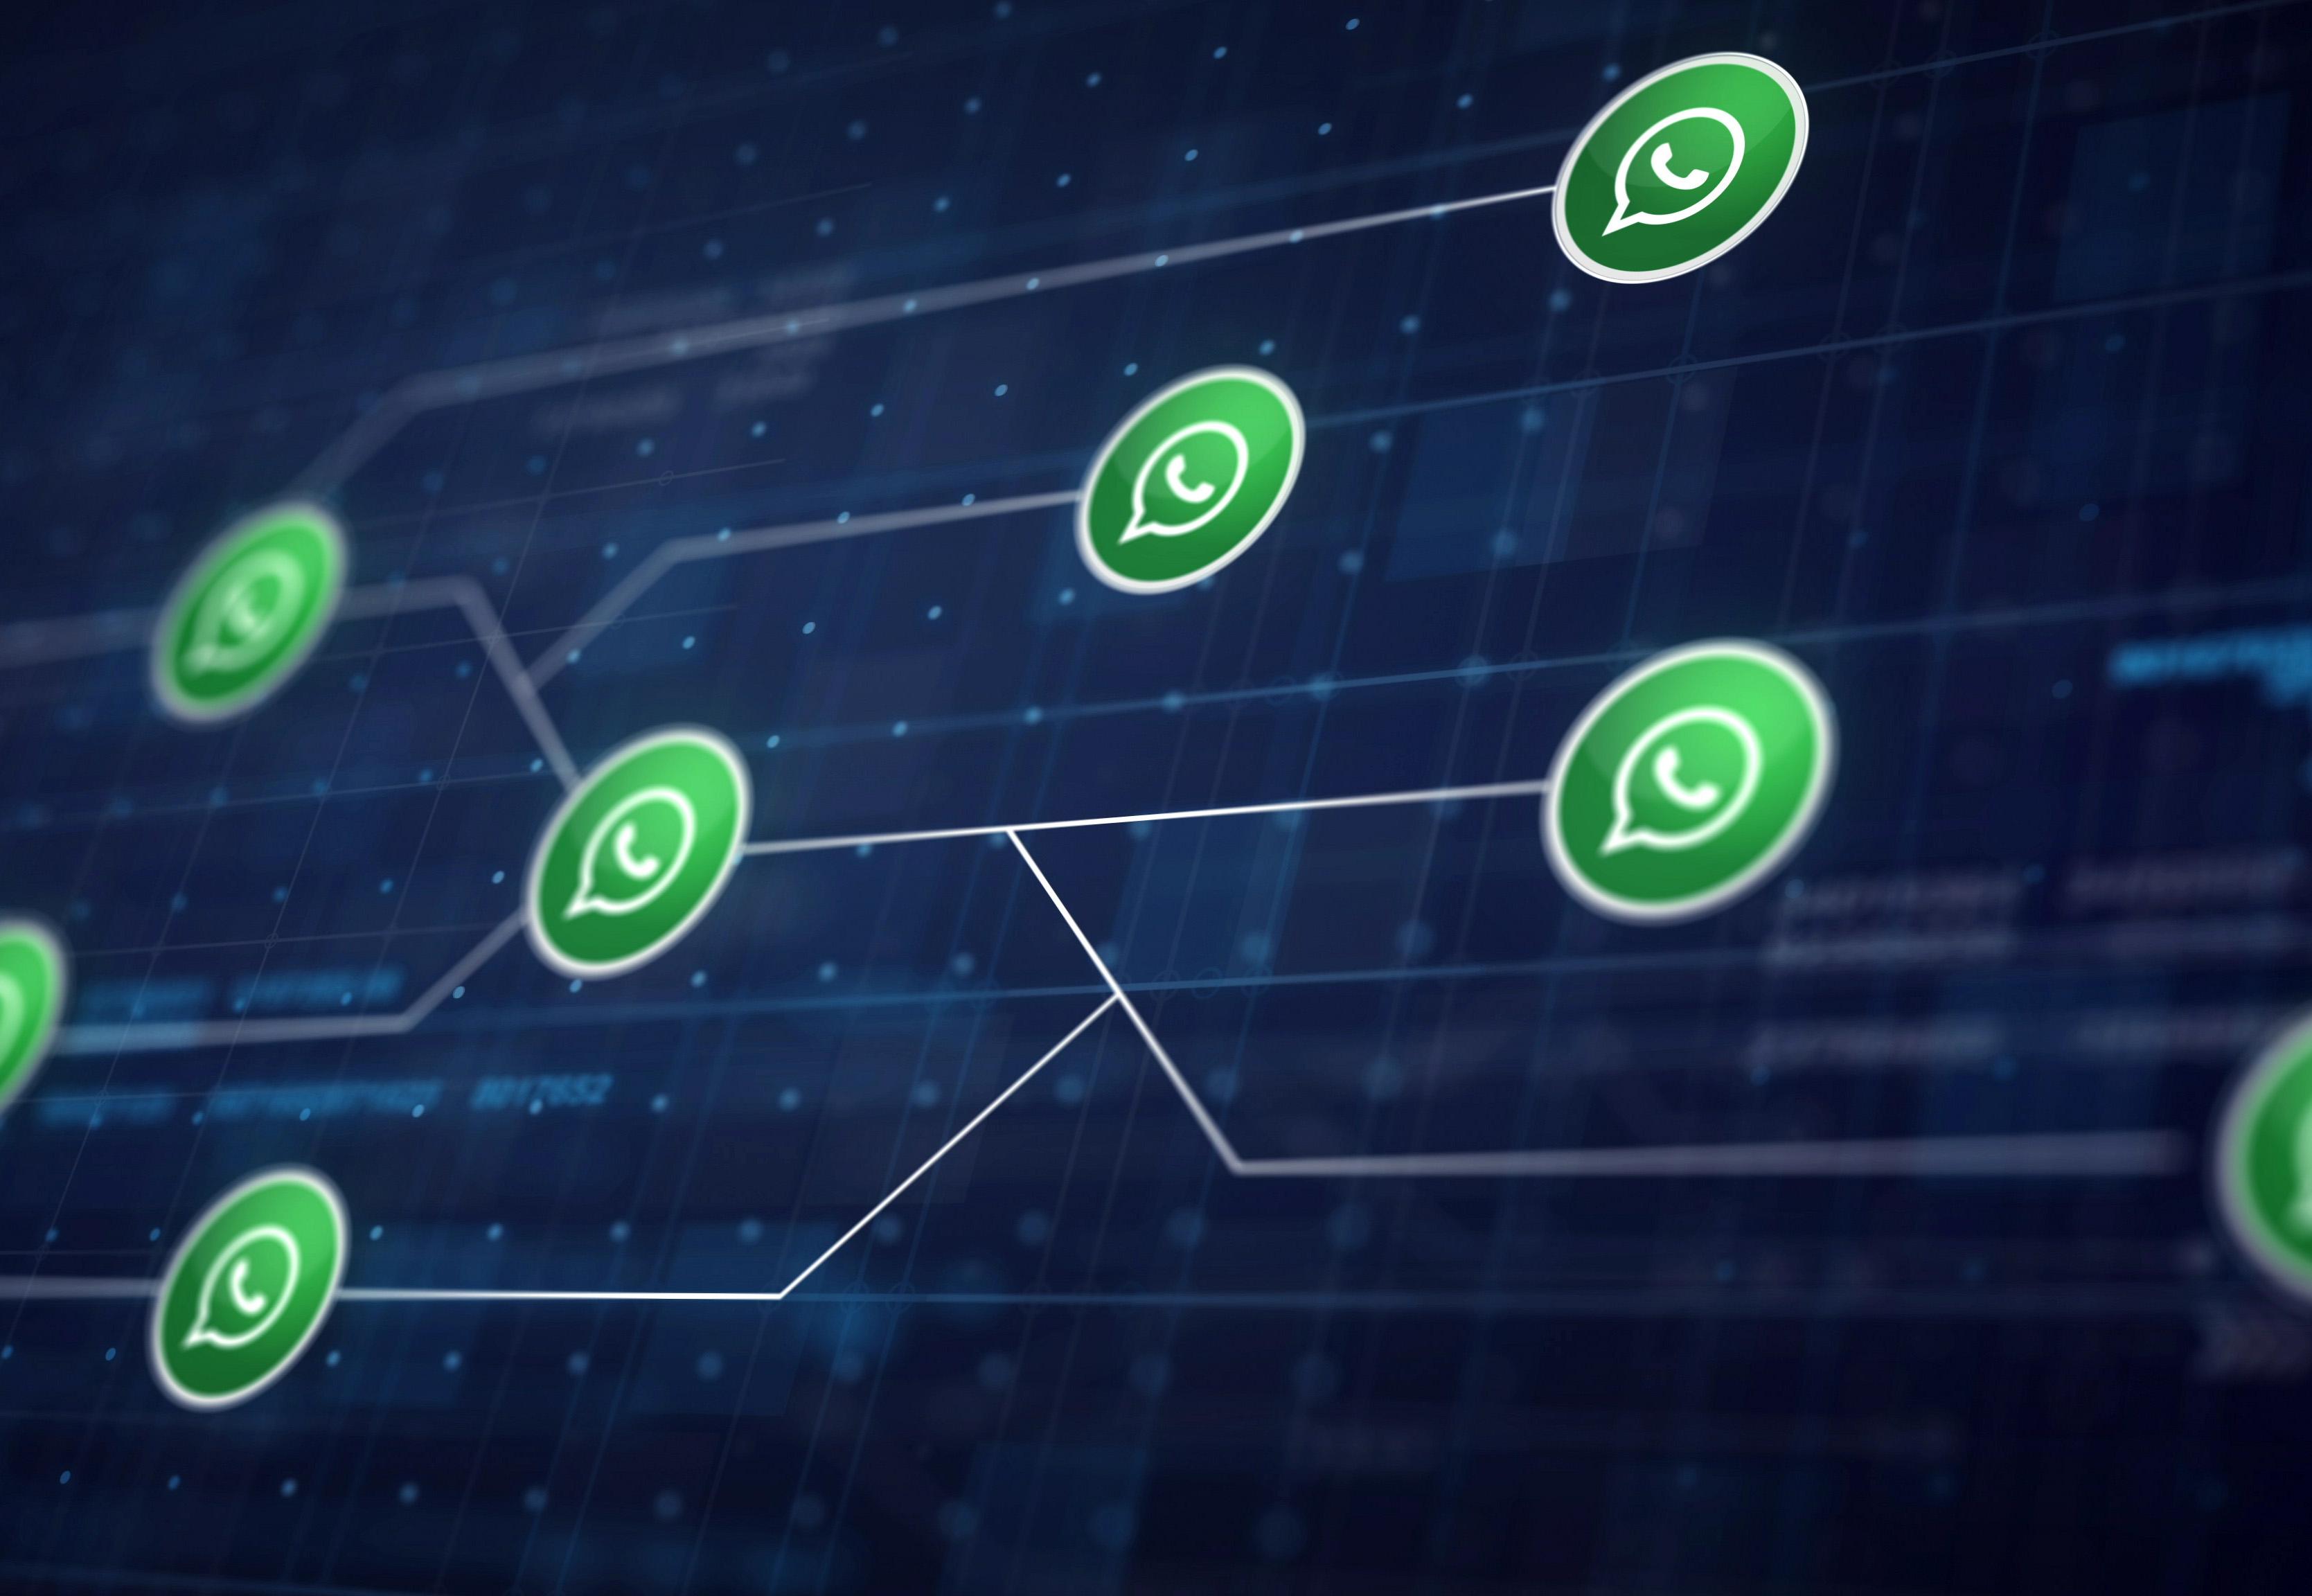 planos de celular com whatsapp ilimitado